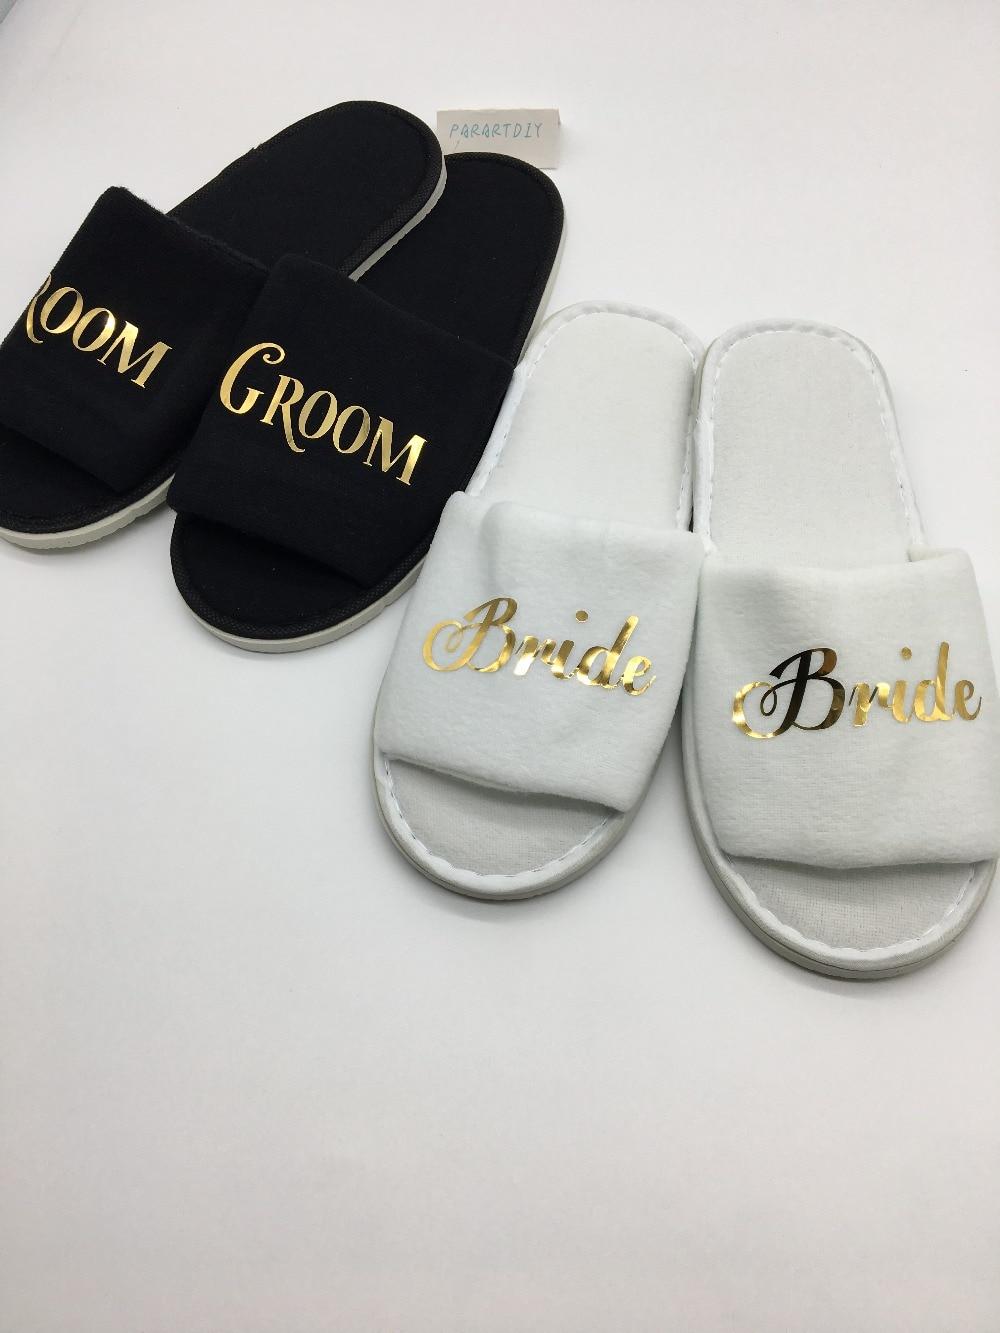 Bride /& Groom Bride /& Bride  Slippers Wedding Bridal Gift Groom /& Groom